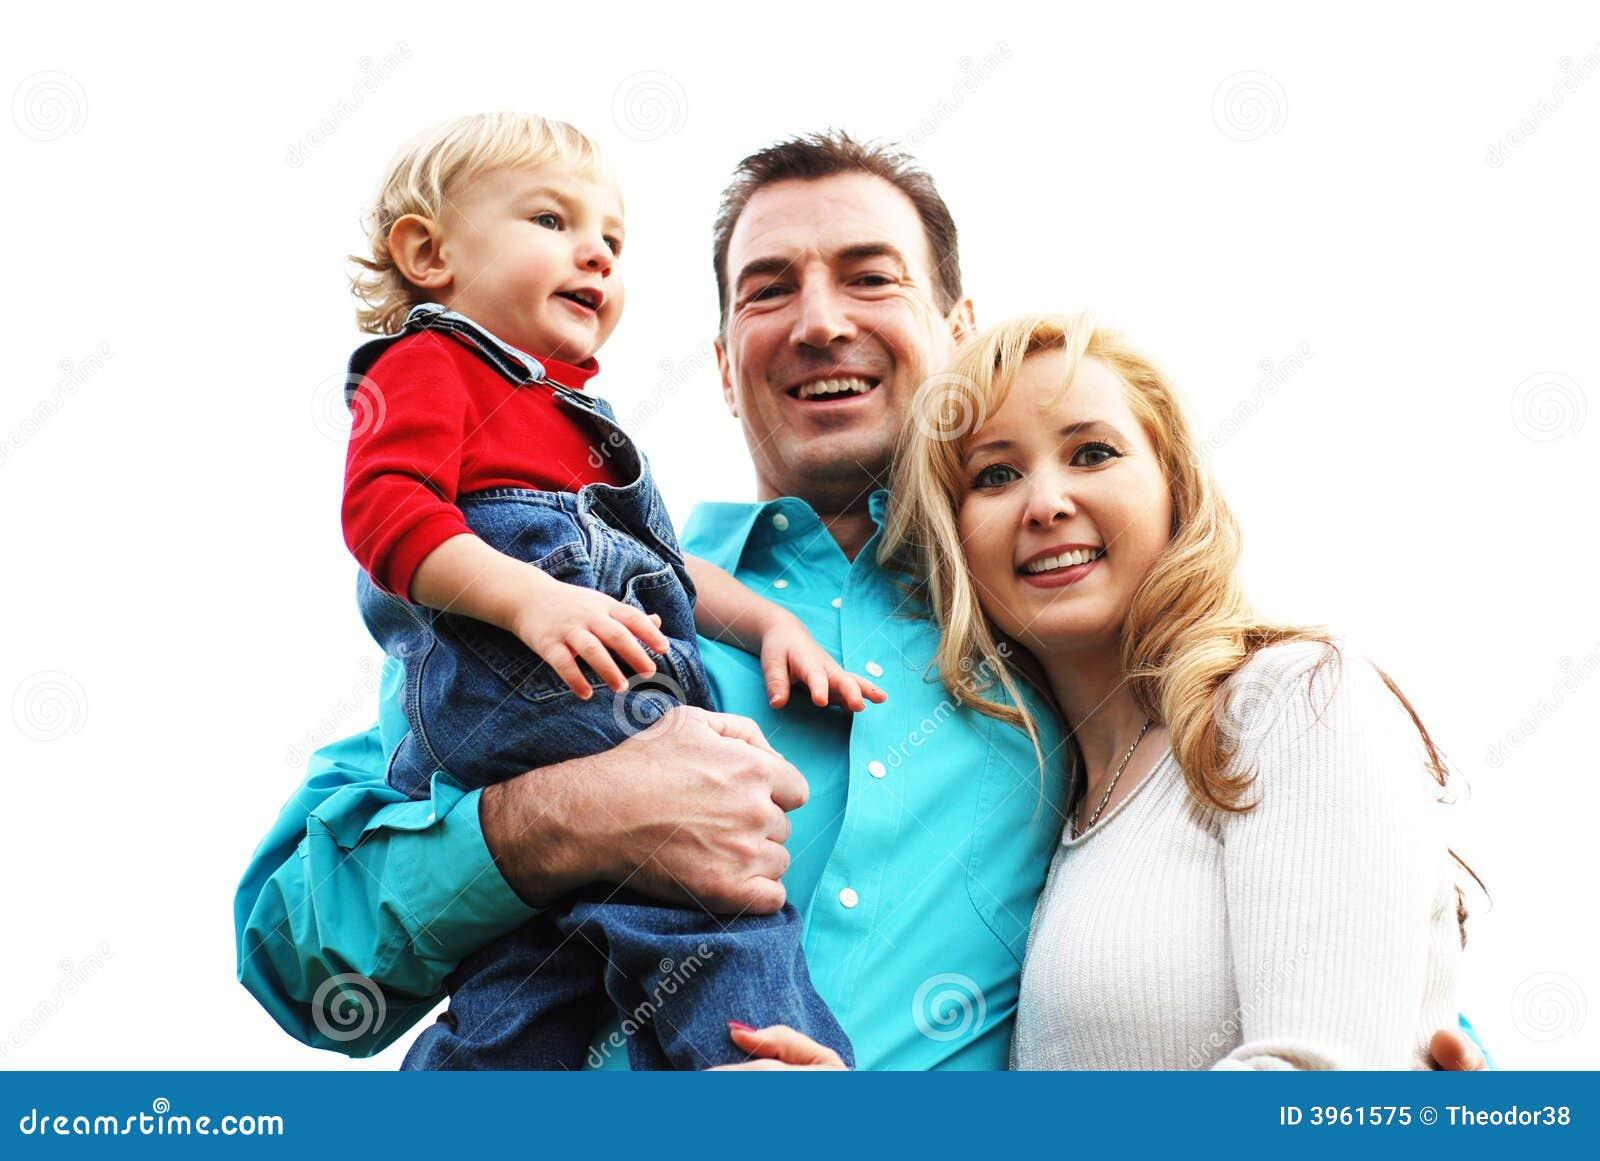 Szczęśliwa para dziecka